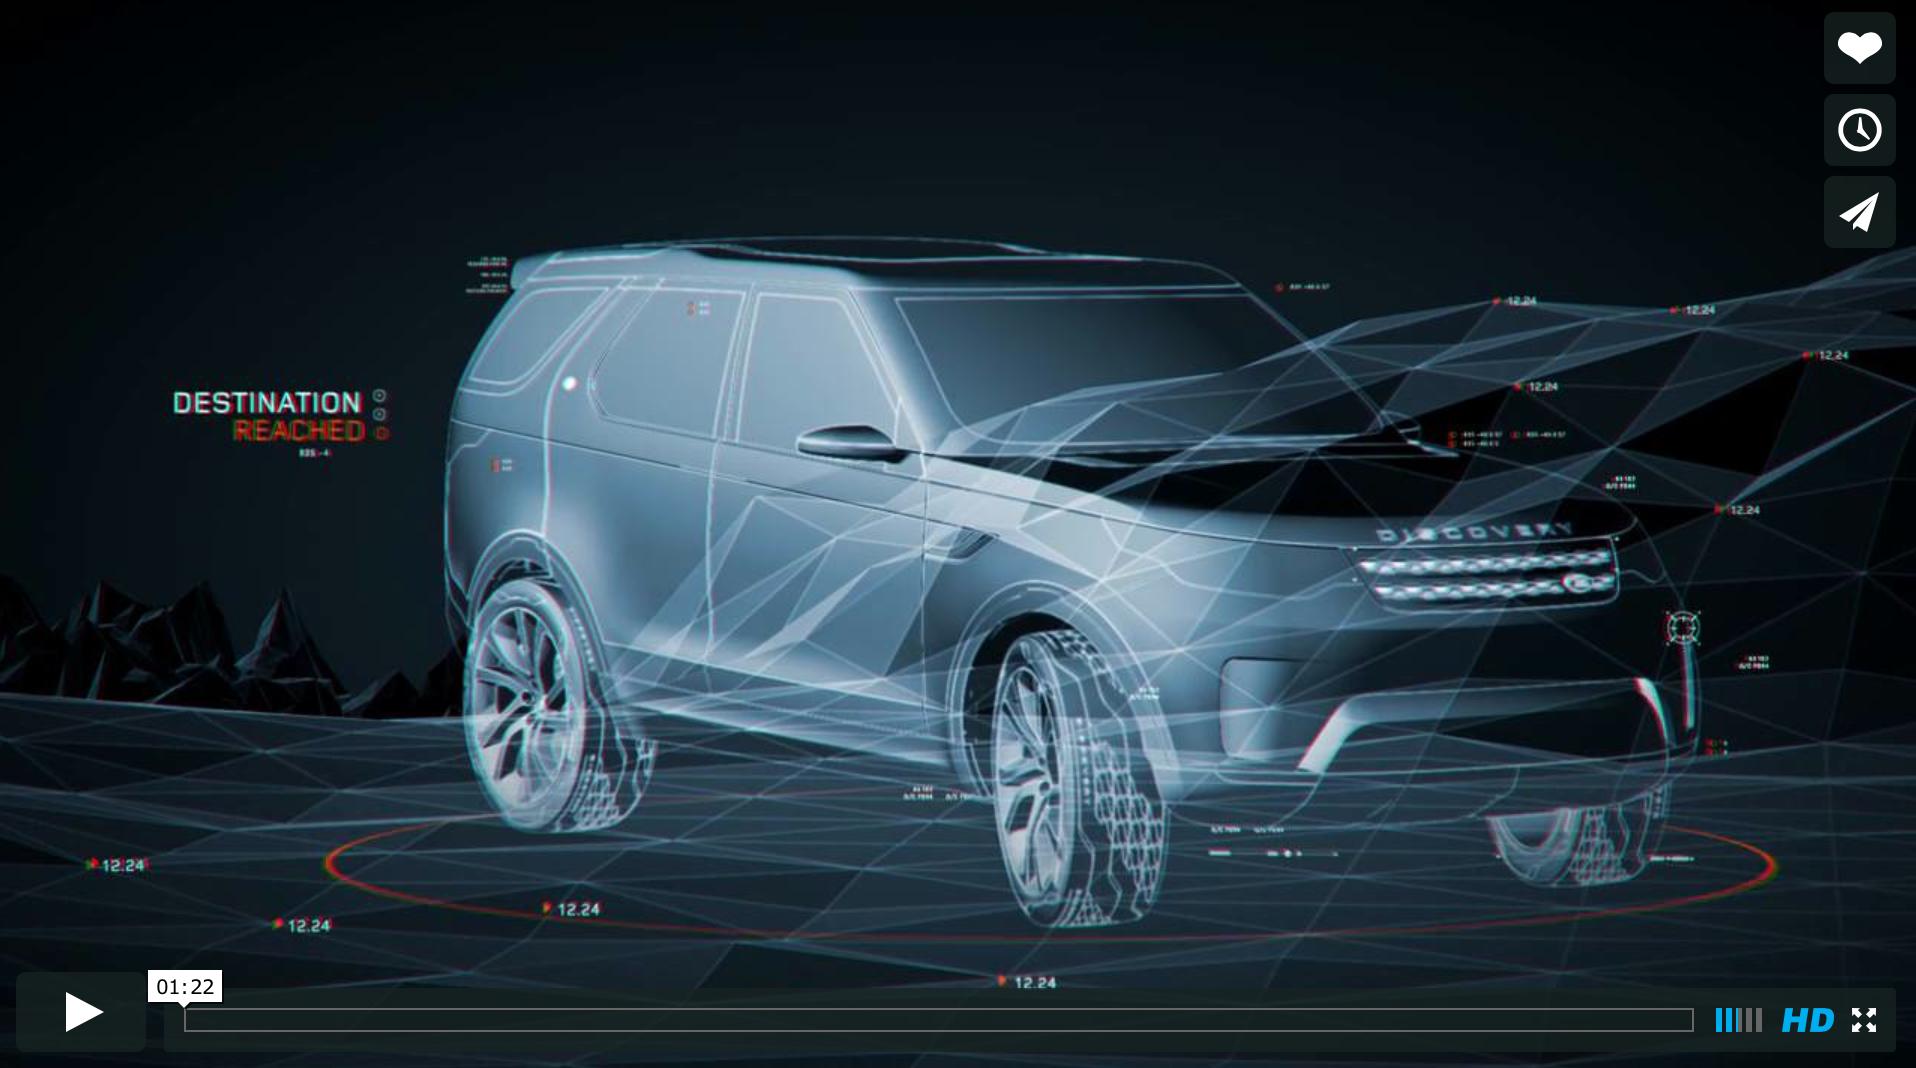 Land Rover - https://vimeo.com/92839218